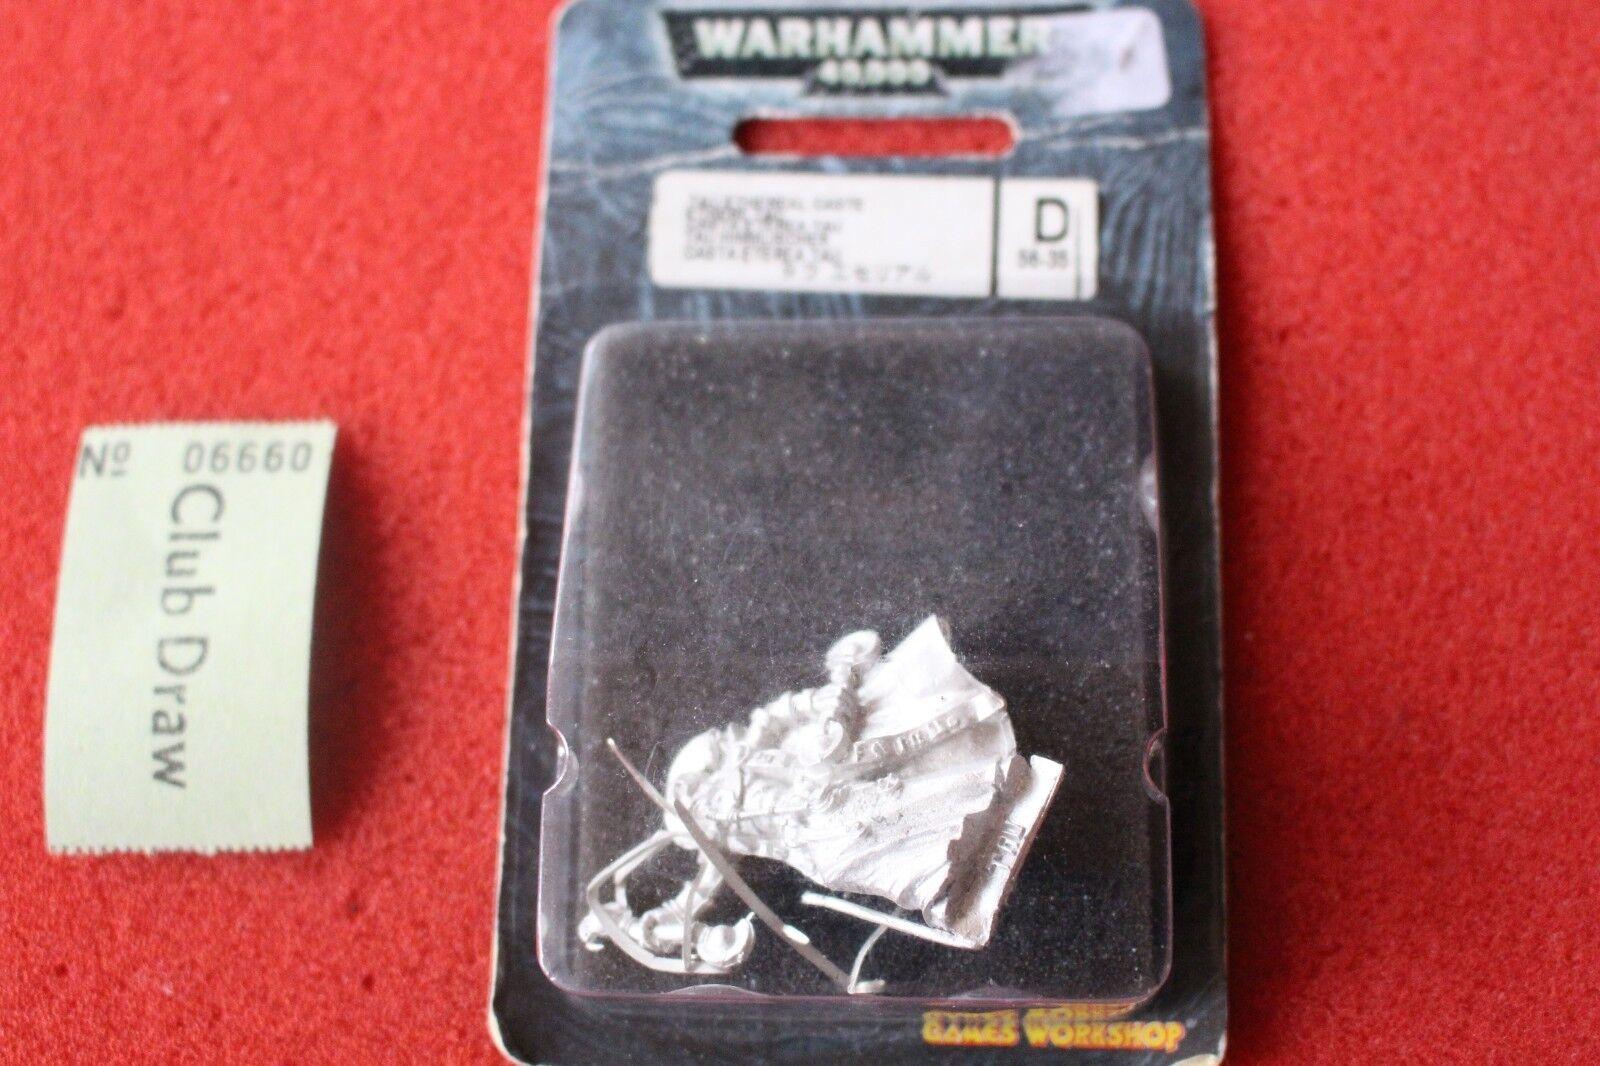 Games Workshop Warhammer 40k Tau Empire Ethereal Hand Blade Metal BNIB New OOP